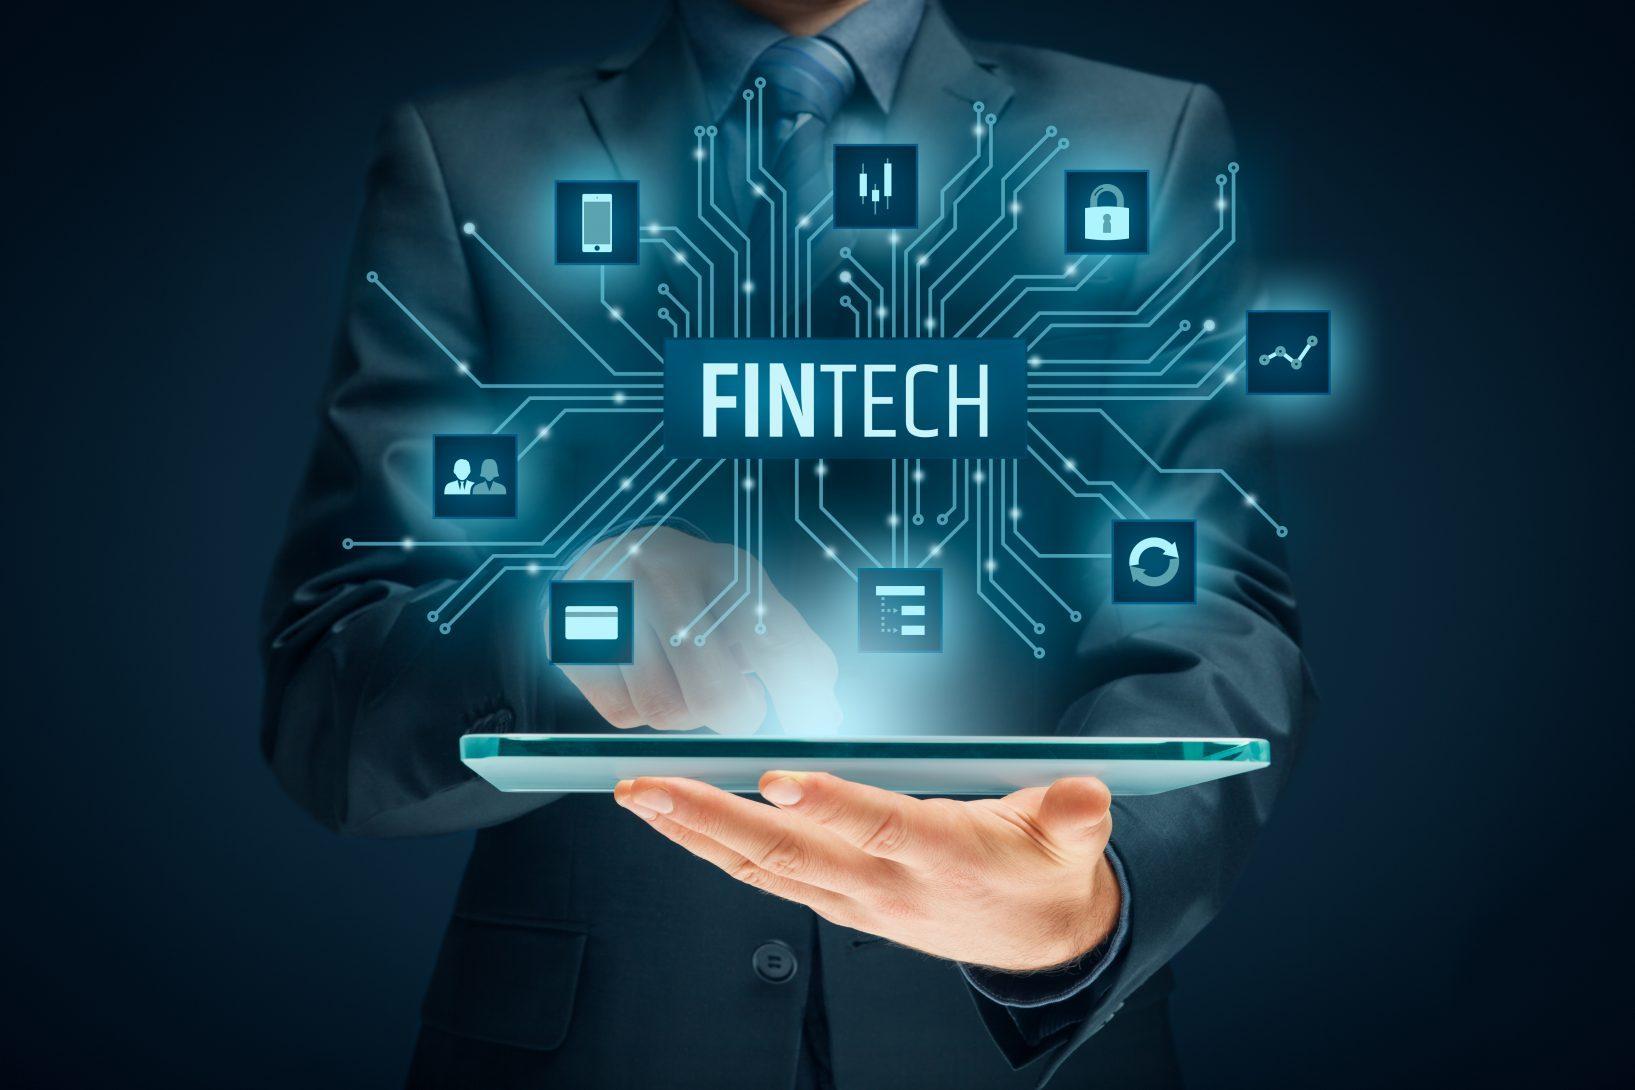 Fintech sektöründe dev ortaklık